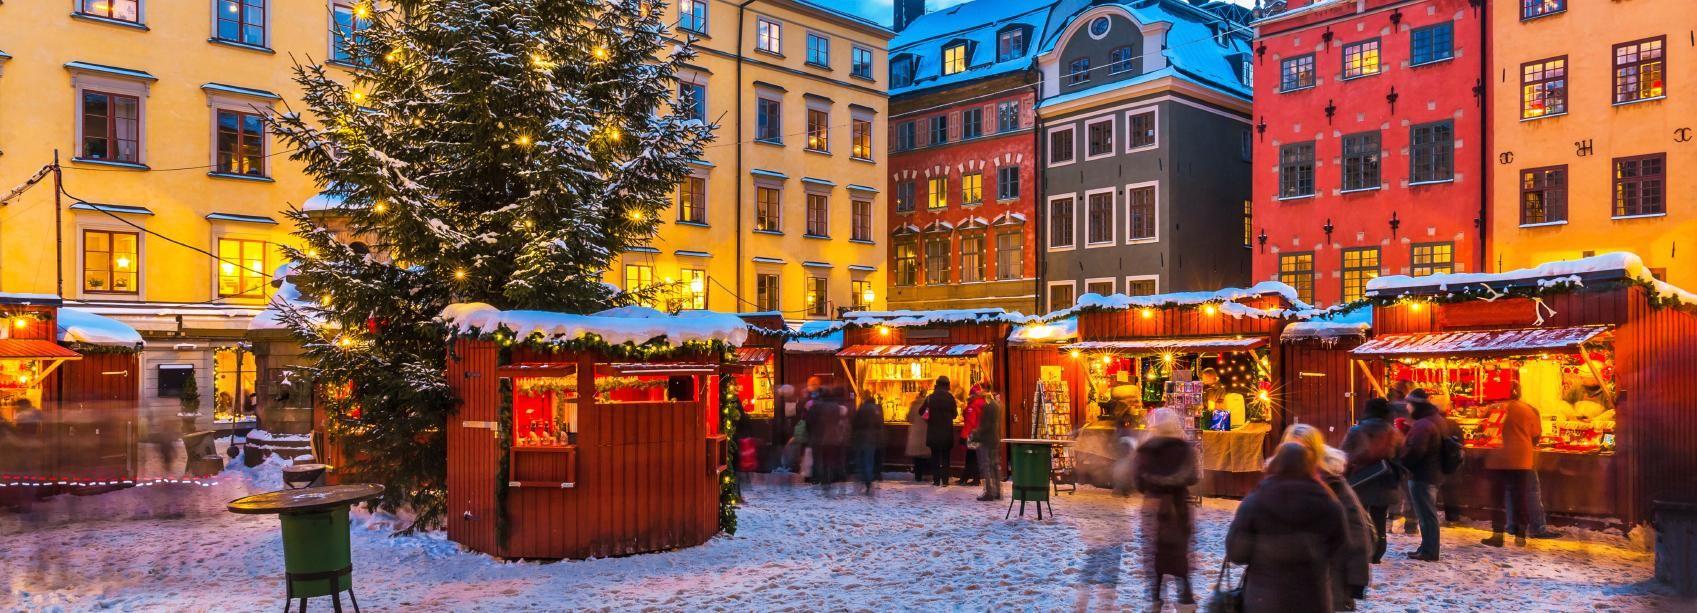 Stoccolma: tour a piedi privato nello spirito natalizio